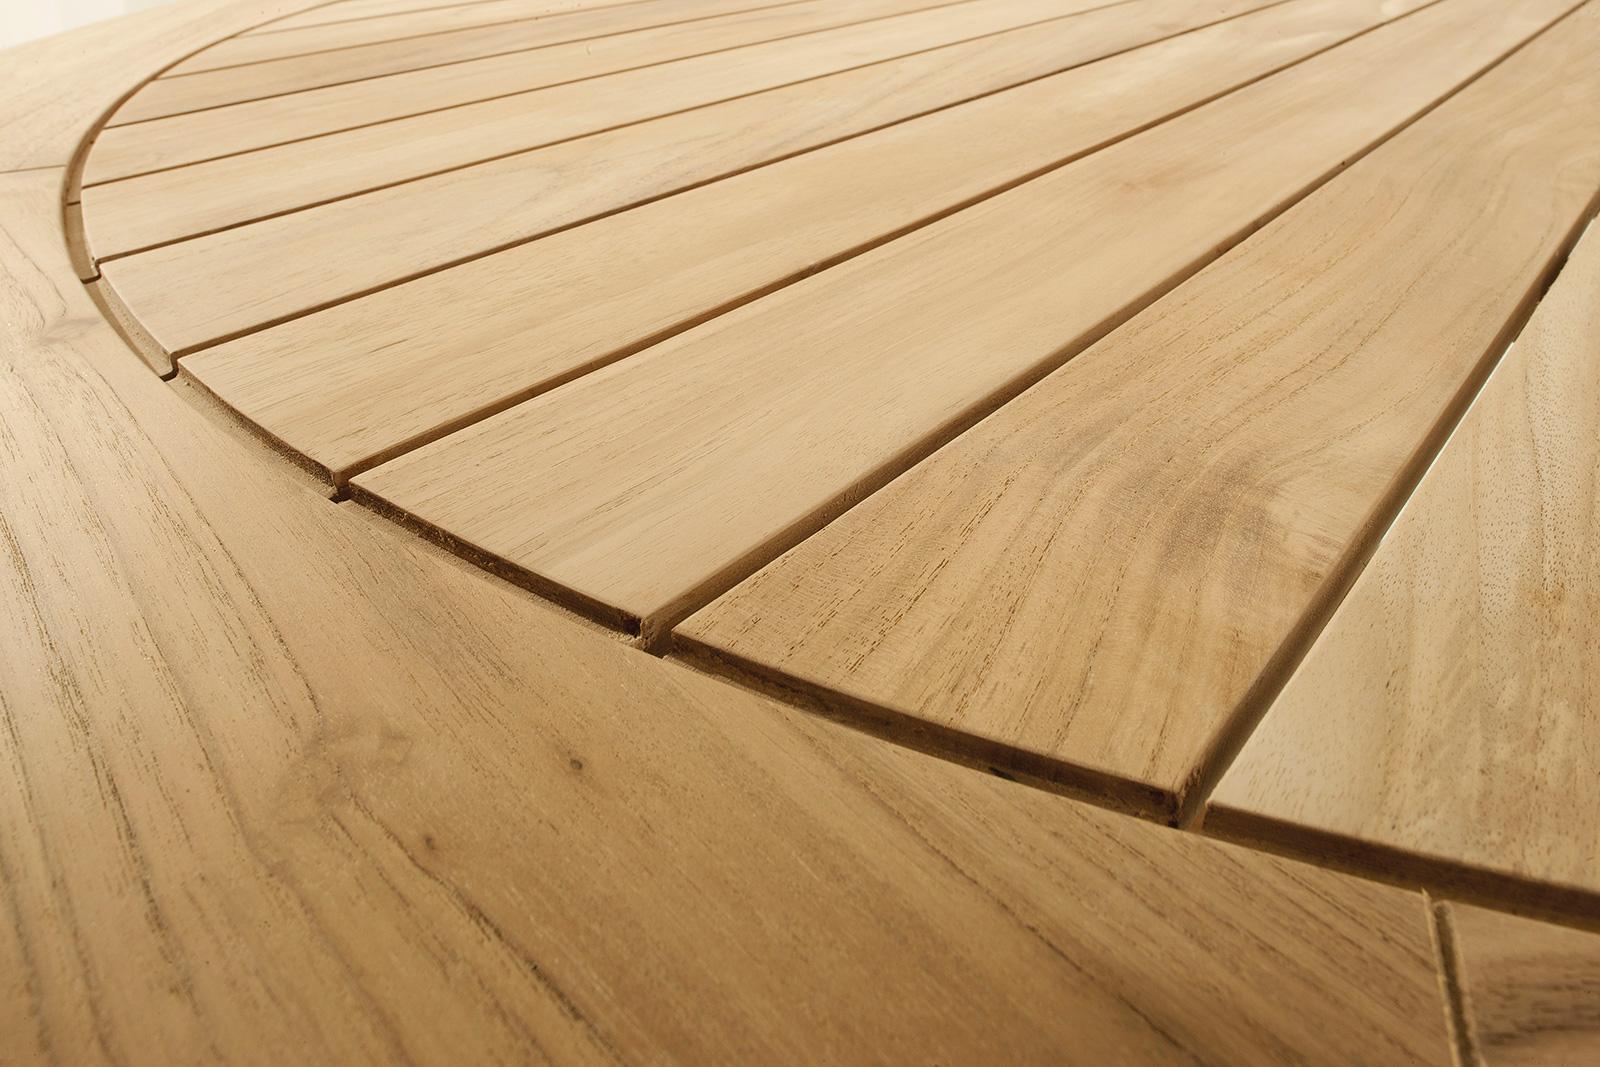 Table de jardin en pure essence de teak Indonésien. Diamètre 150 cm. Table d'extérieur haut de gamme. Ameublement de jardin de luxe.Vente en ligne.